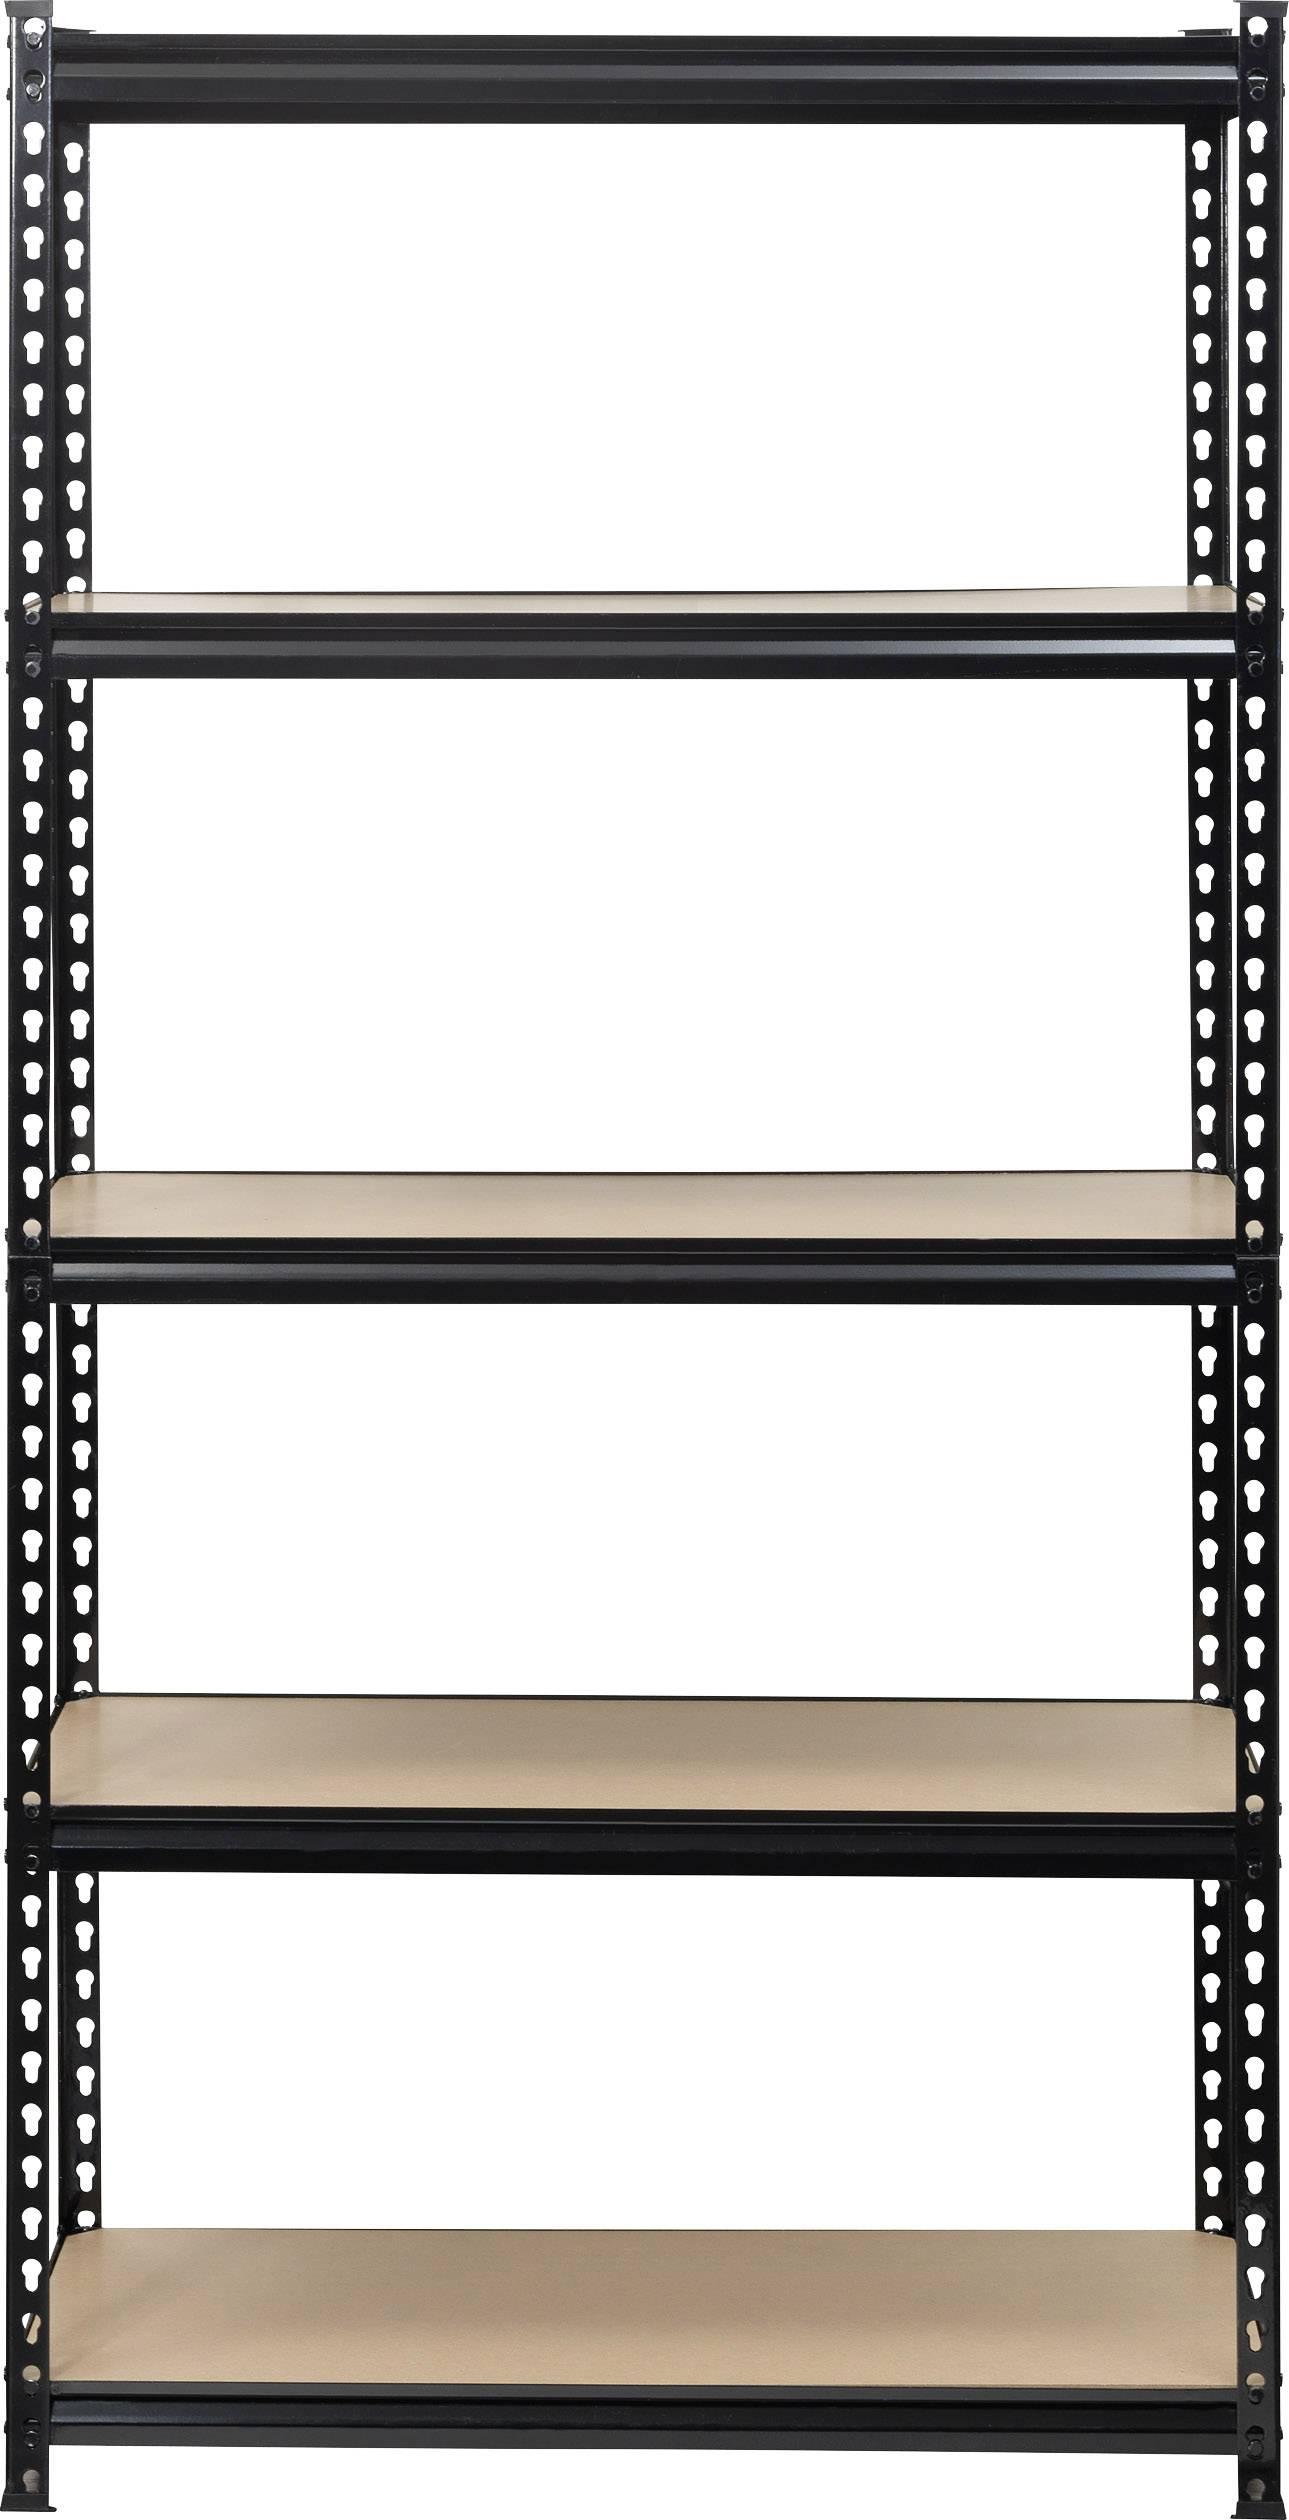 Stellingkast Zwart Metaal.Toolcraft Stellingkast Extra Sterk 350 Kg B X H X D 900 X 1800 X